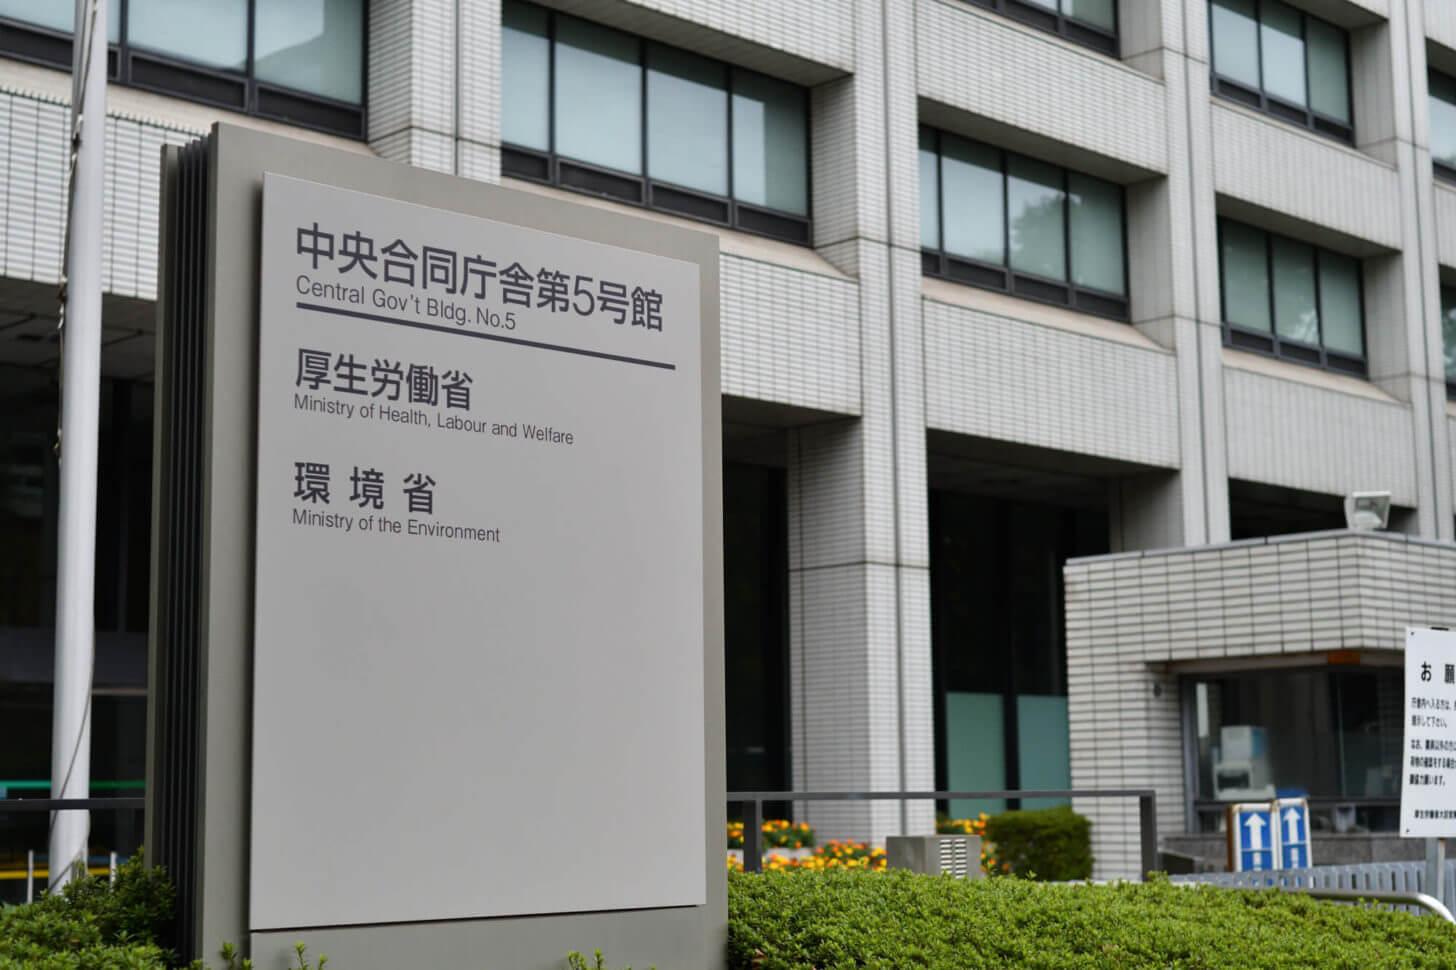 厚生労働省・環境省の入り口の看板